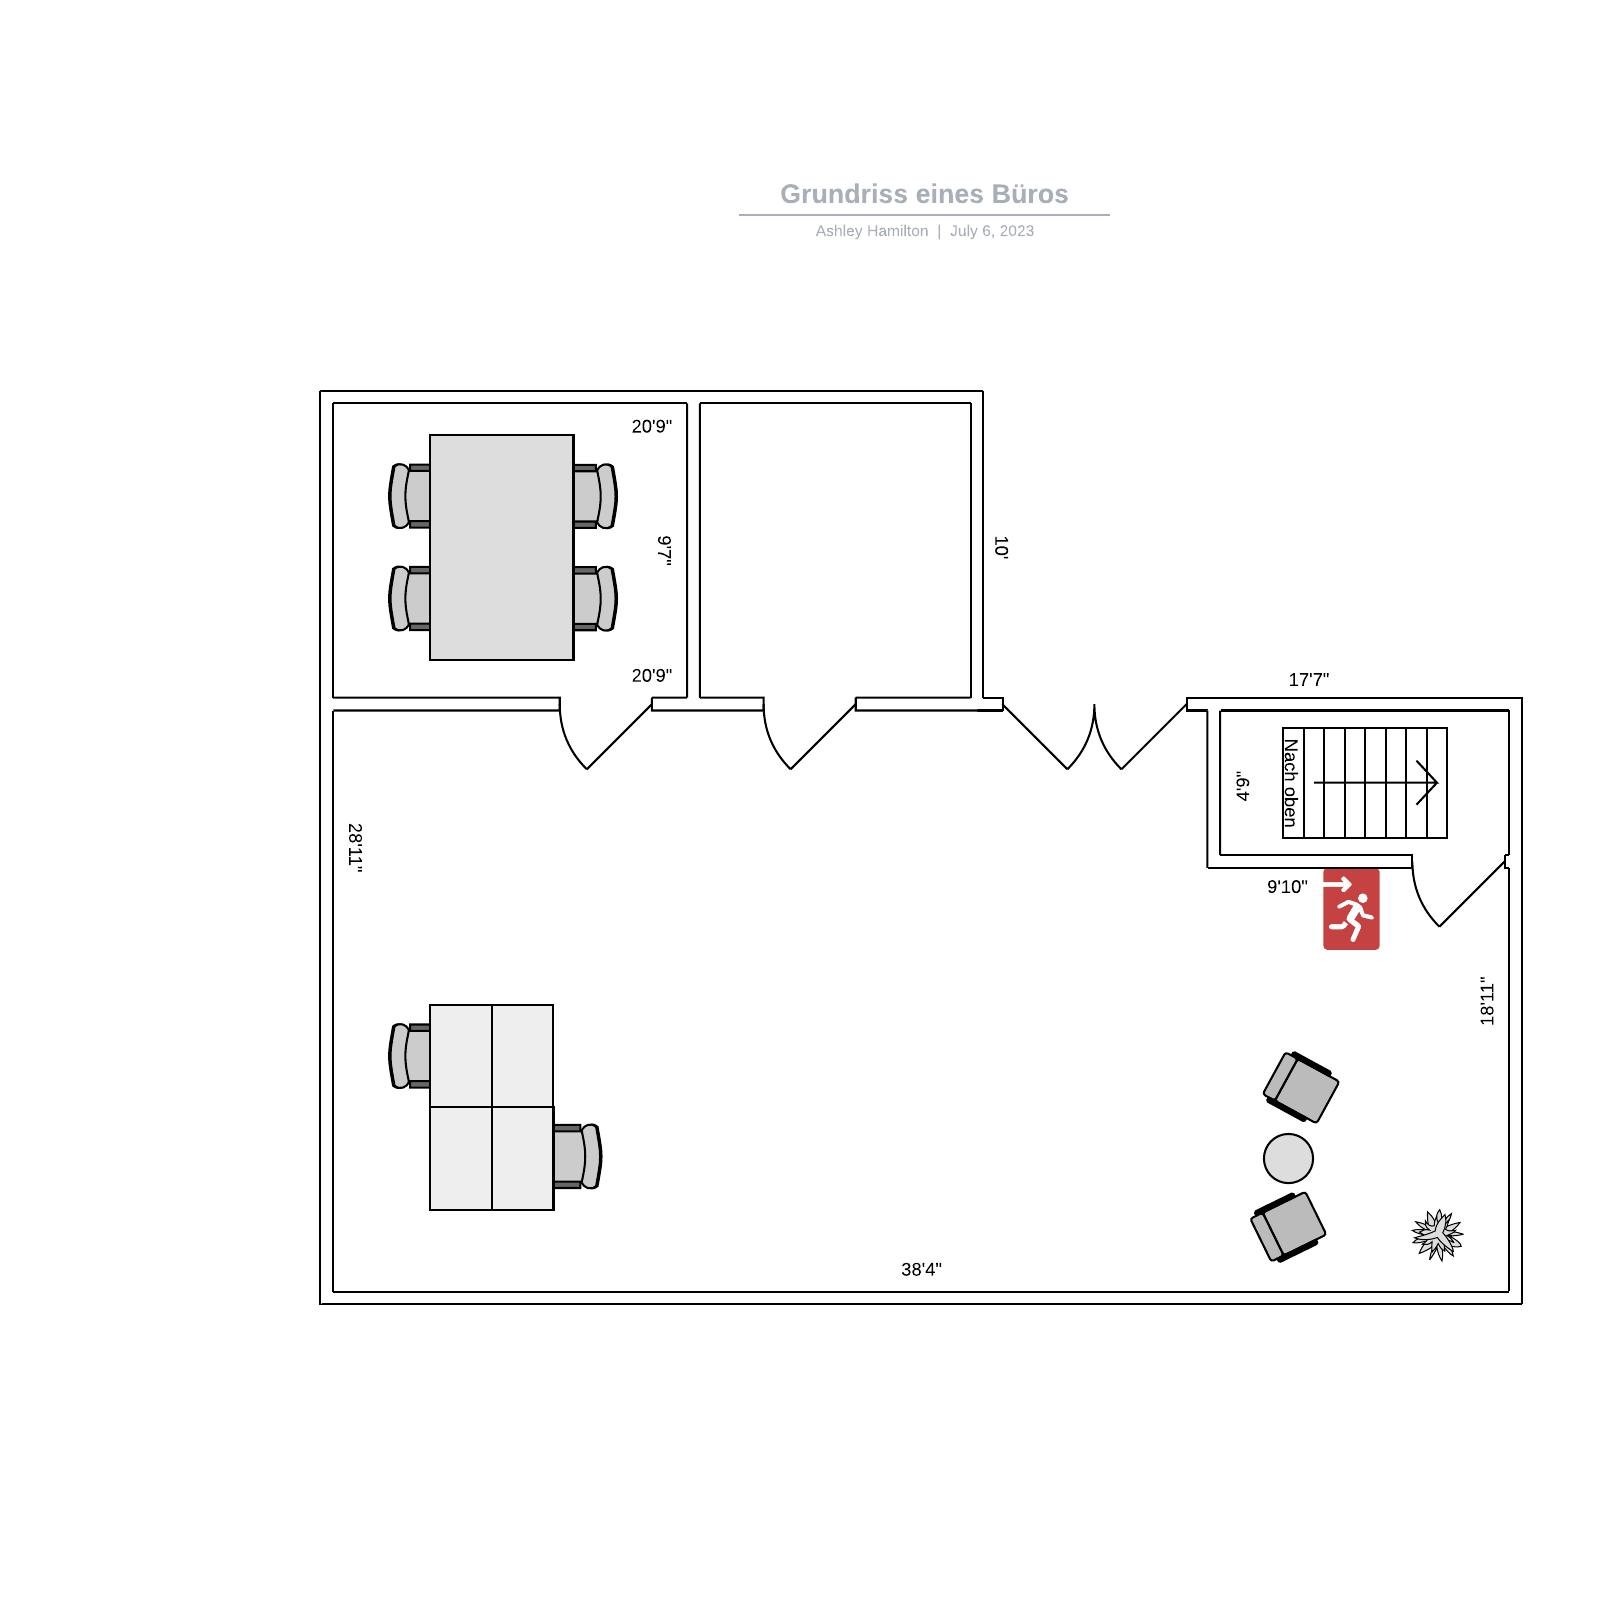 Büro Grundriss Vorlage